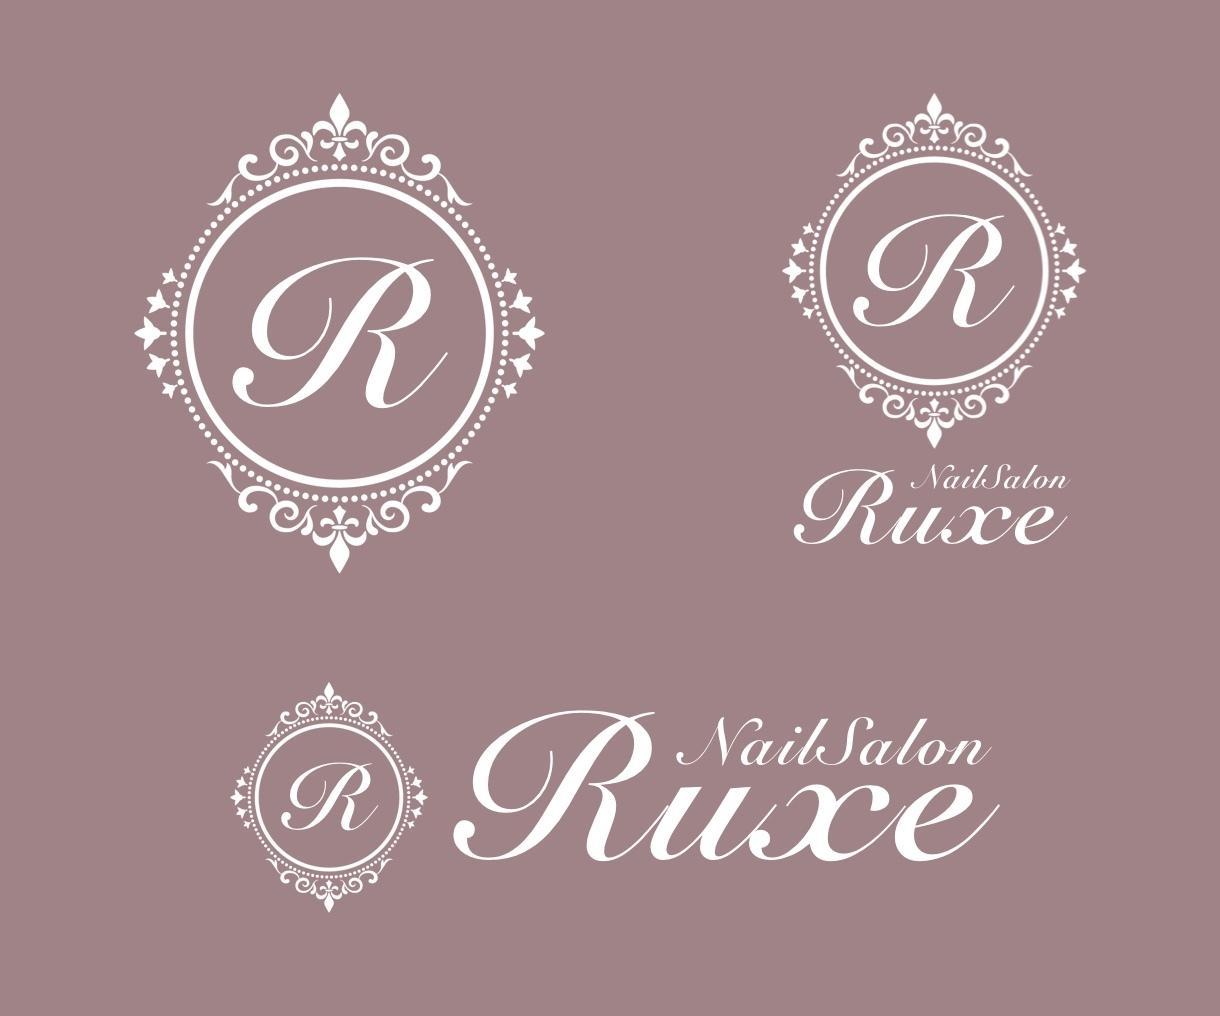 ネイル・エステ・飲食店等のロゴをデザインします 修正回数無制限。レイアウト違いで3パターンを納品。 イメージ1